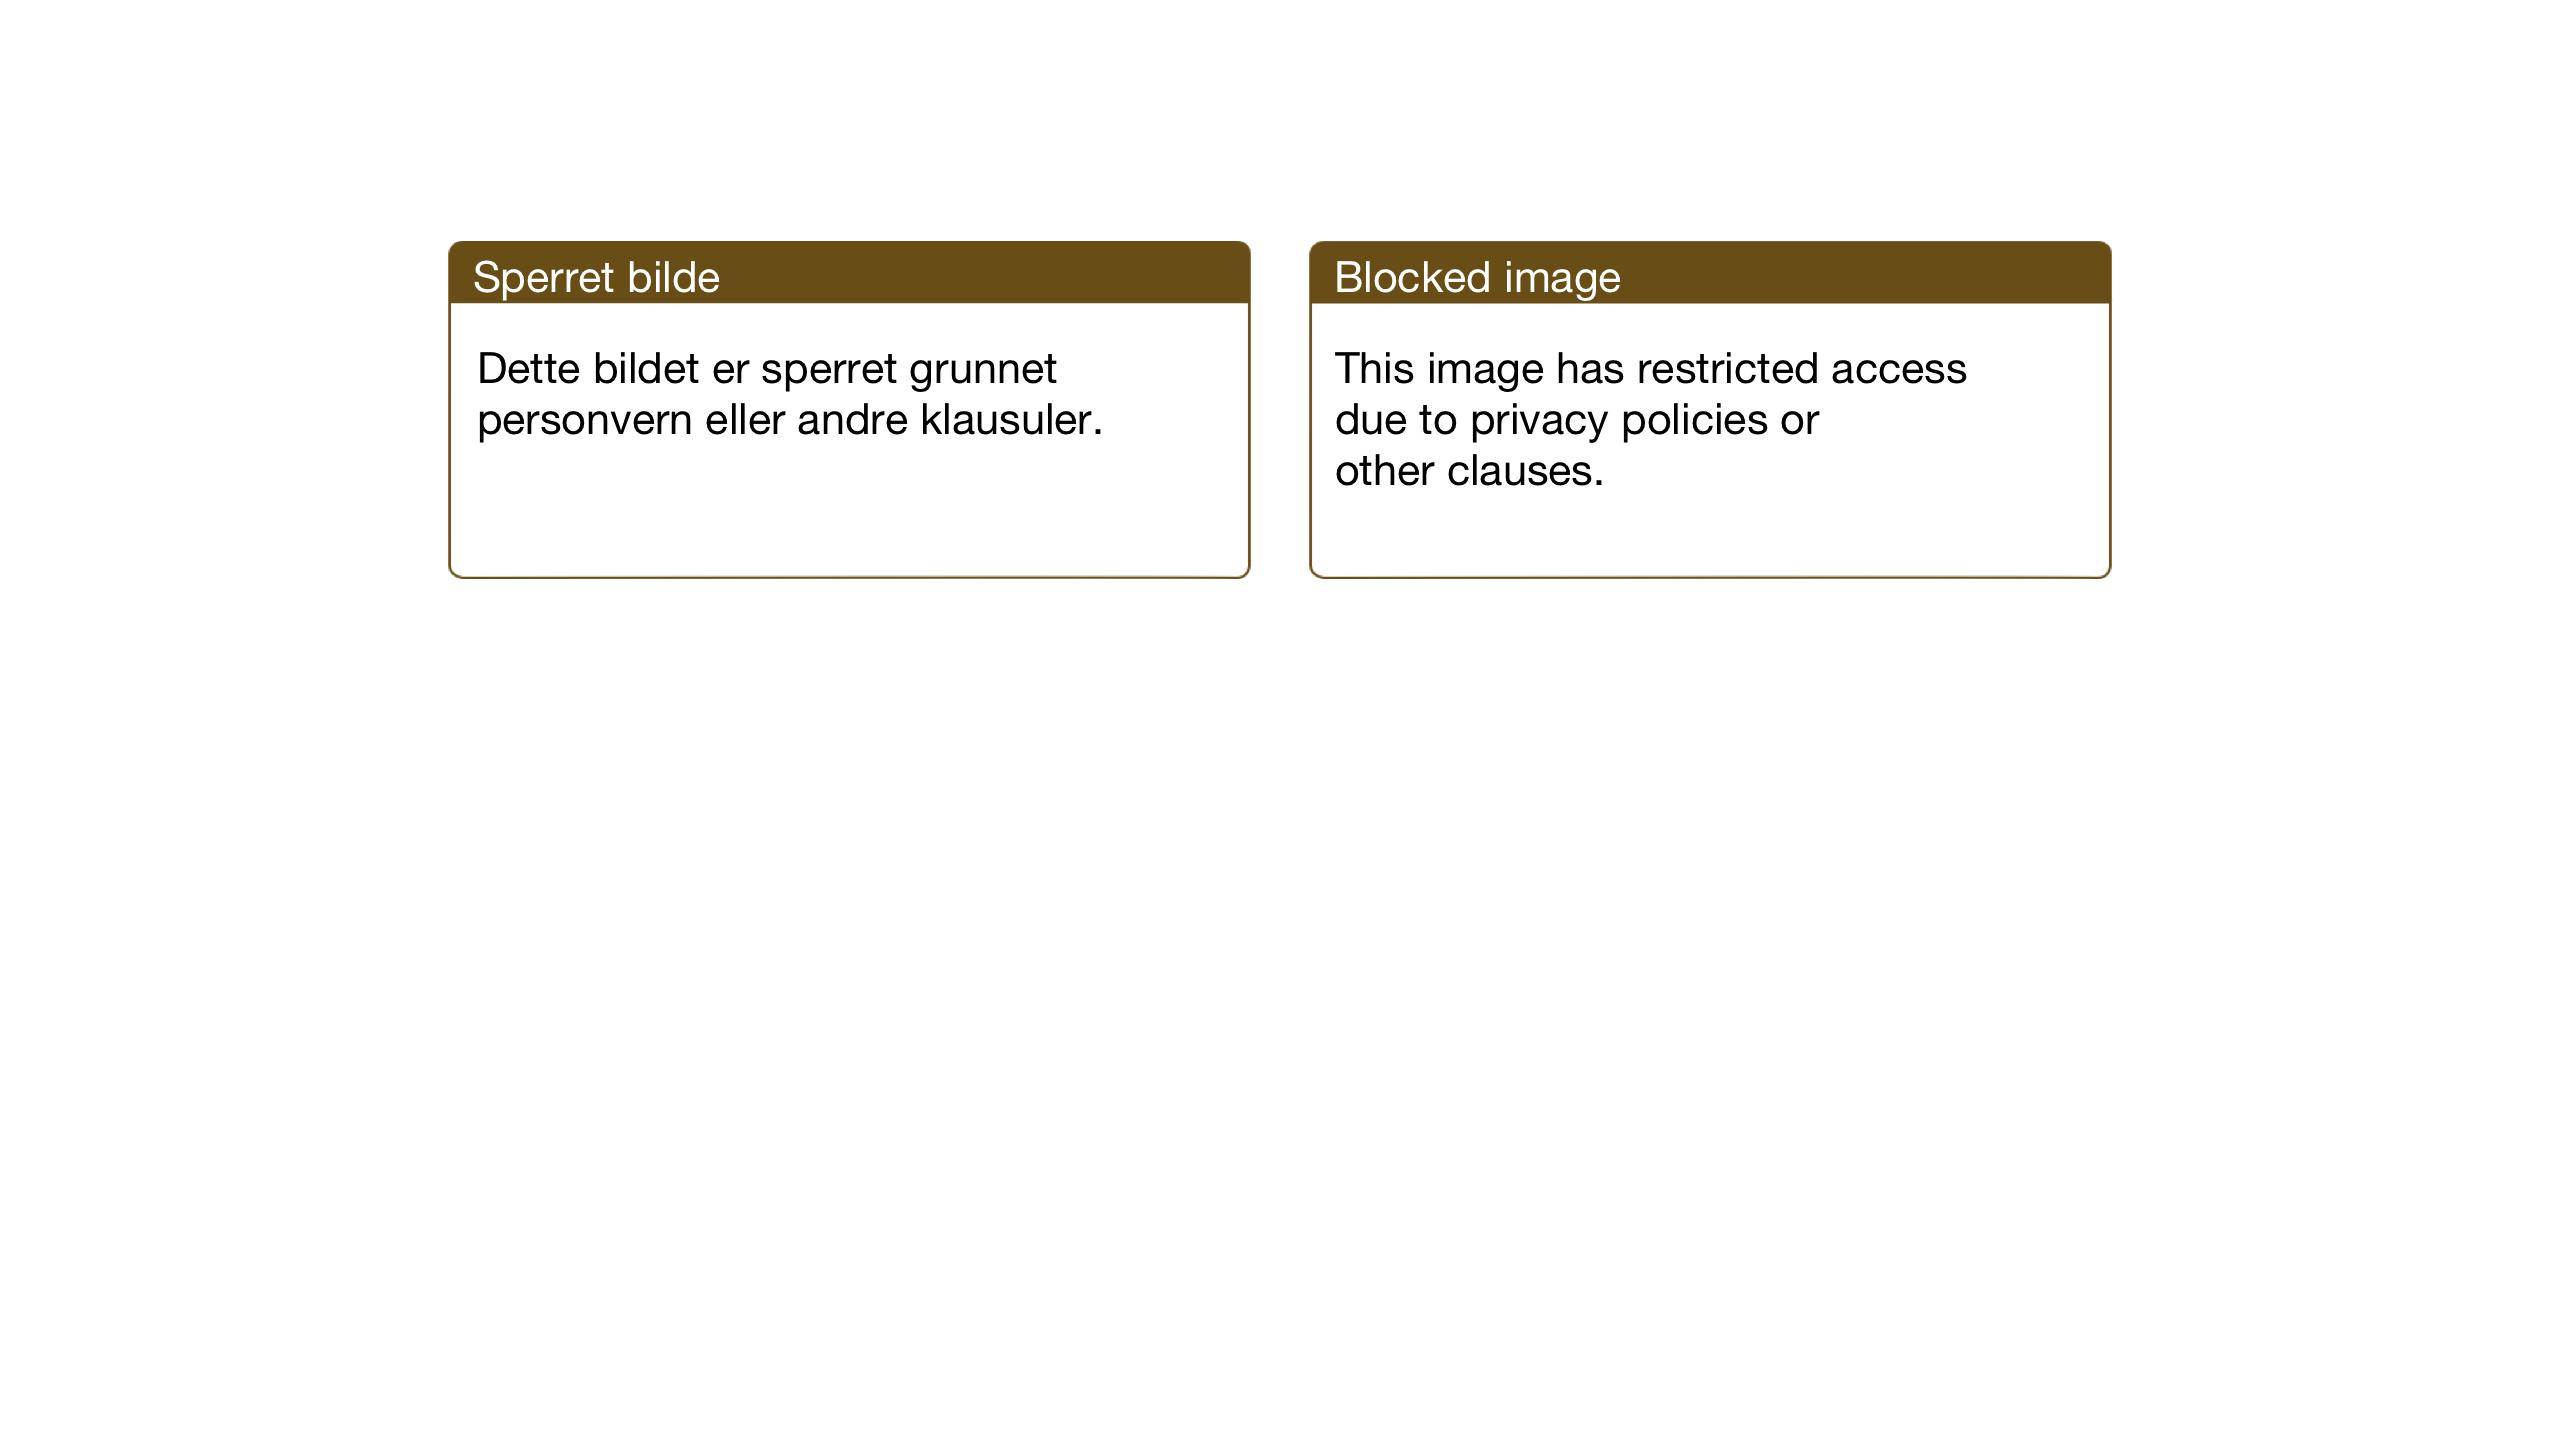 SAT, Ministerialprotokoller, klokkerbøker og fødselsregistre - Sør-Trøndelag, 681/L0944: Klokkerbok nr. 681C08, 1926-1954, s. 41